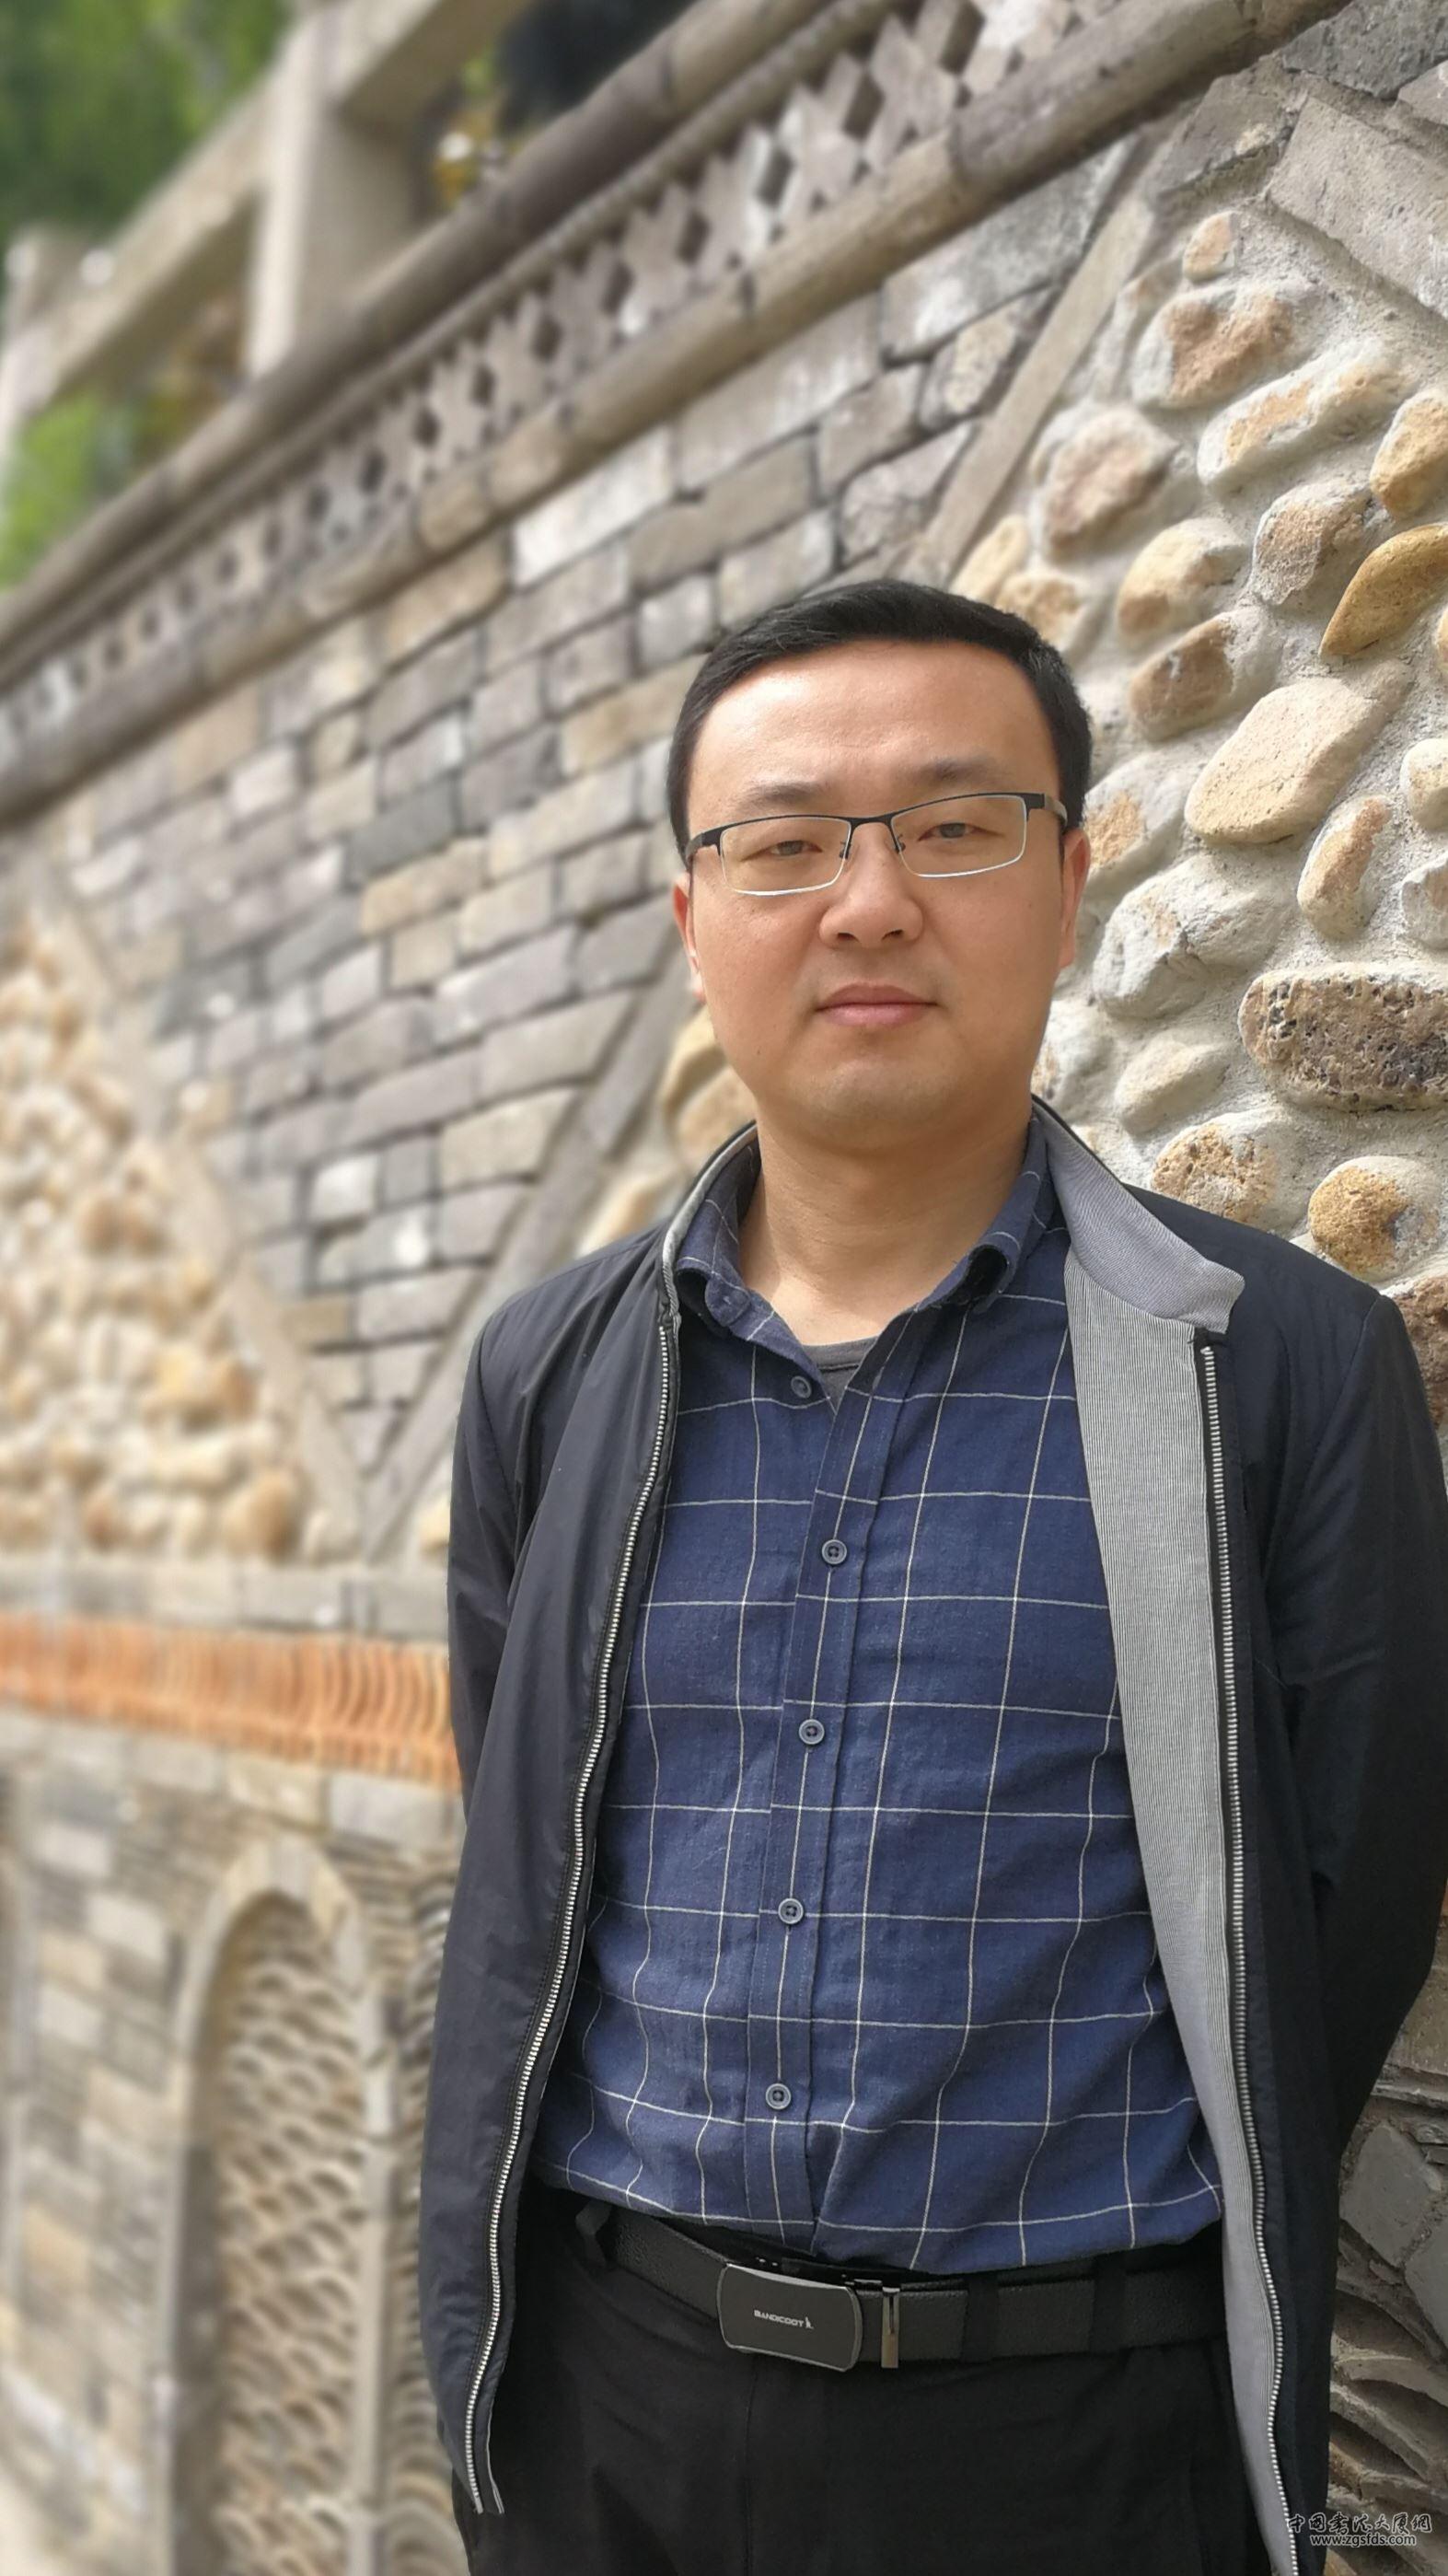 获奖专访 | 首届中国书法大厦杯书法大奖赛特等奖之楷书